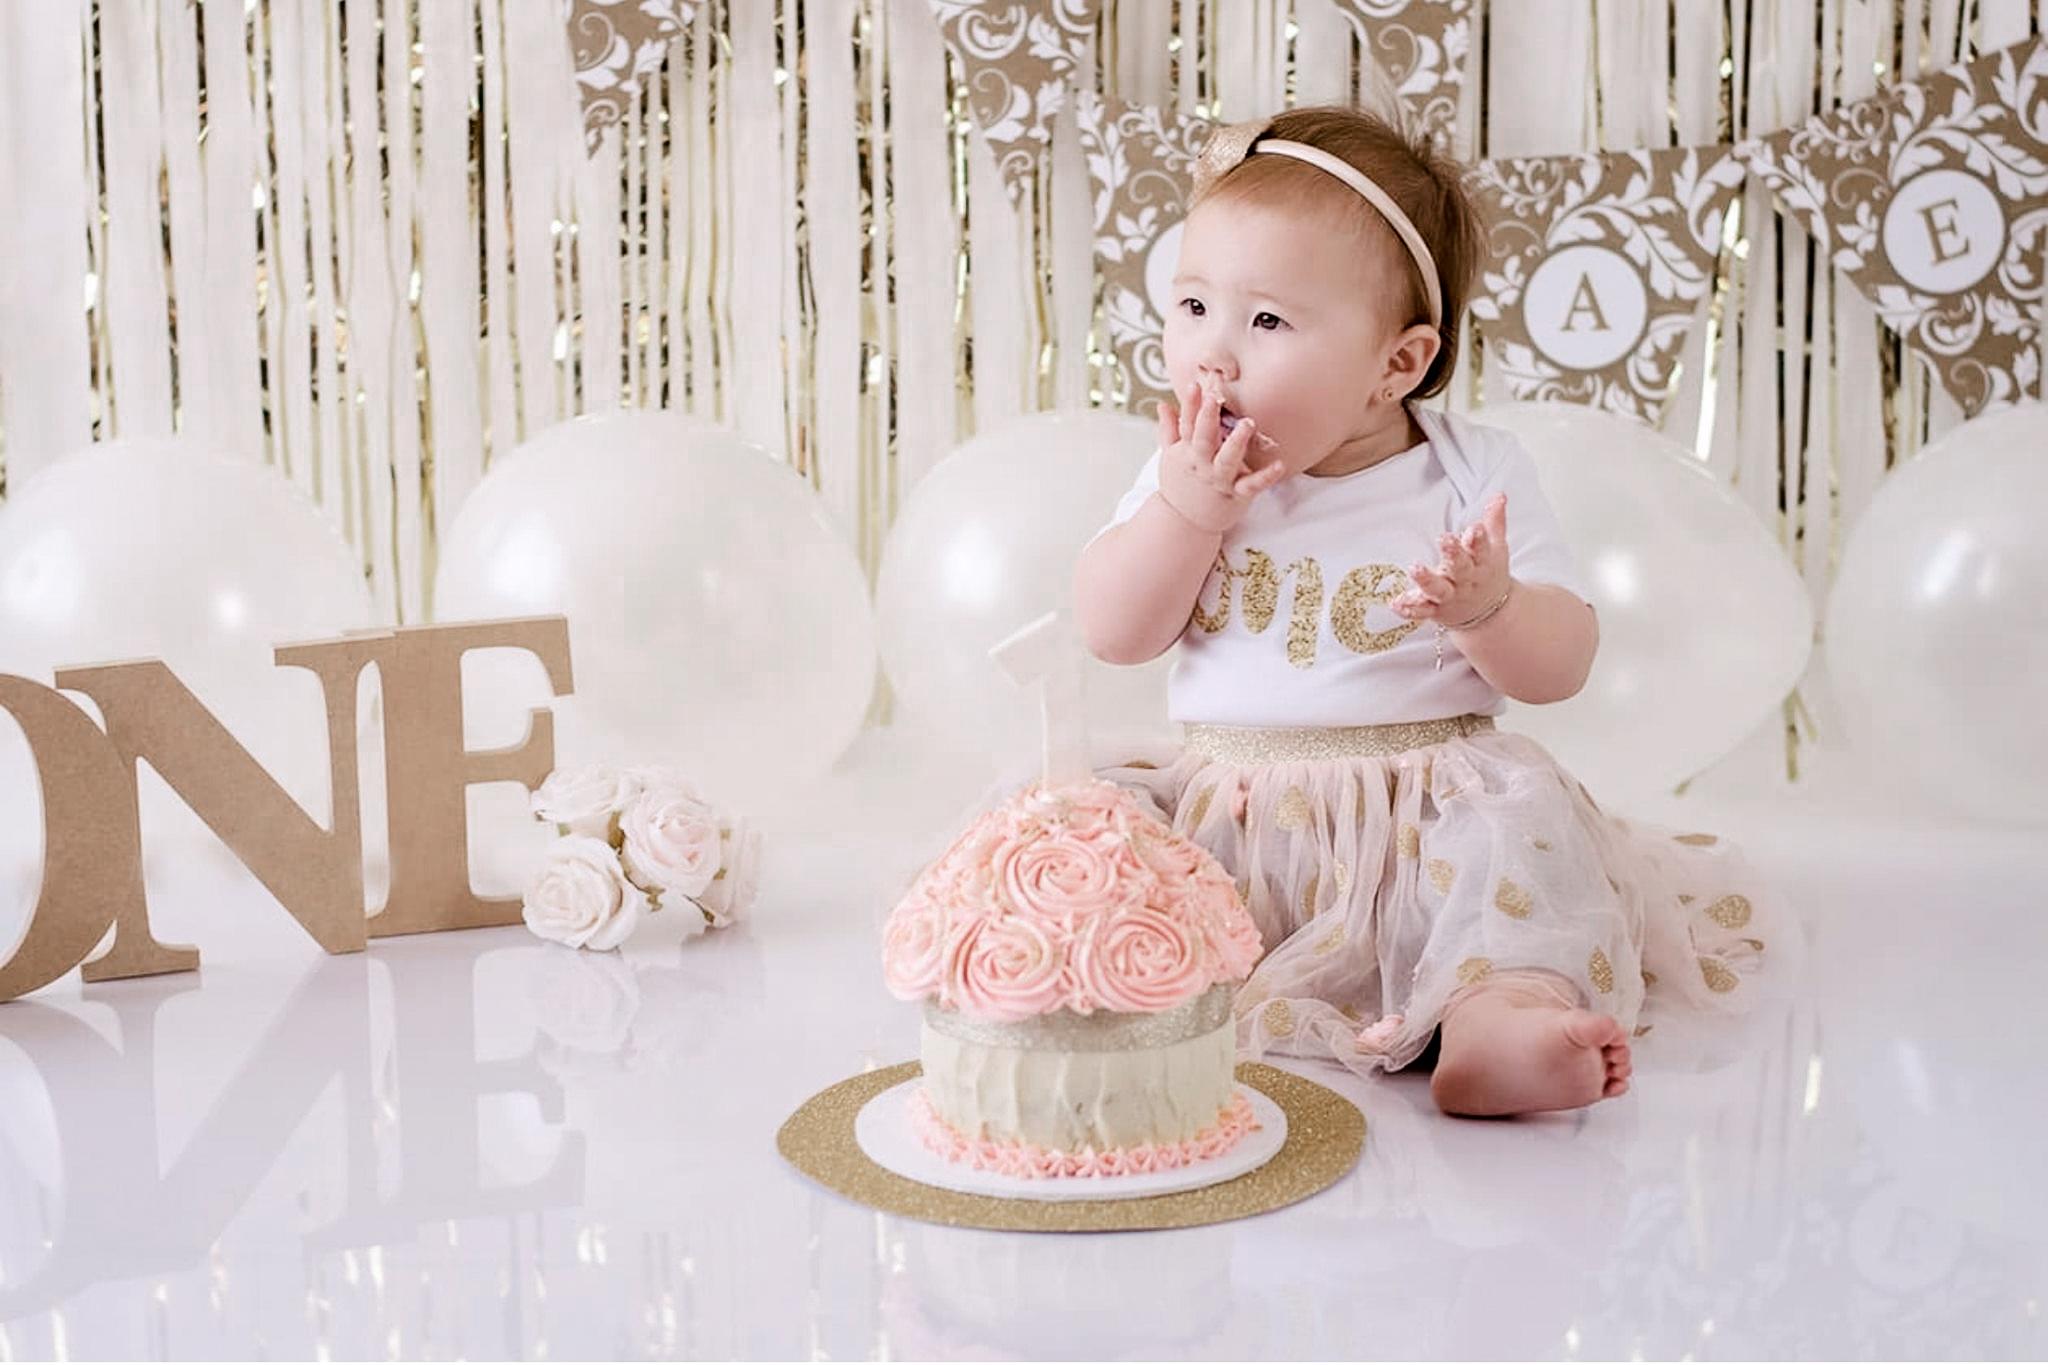 cake-smash-photography-sydney